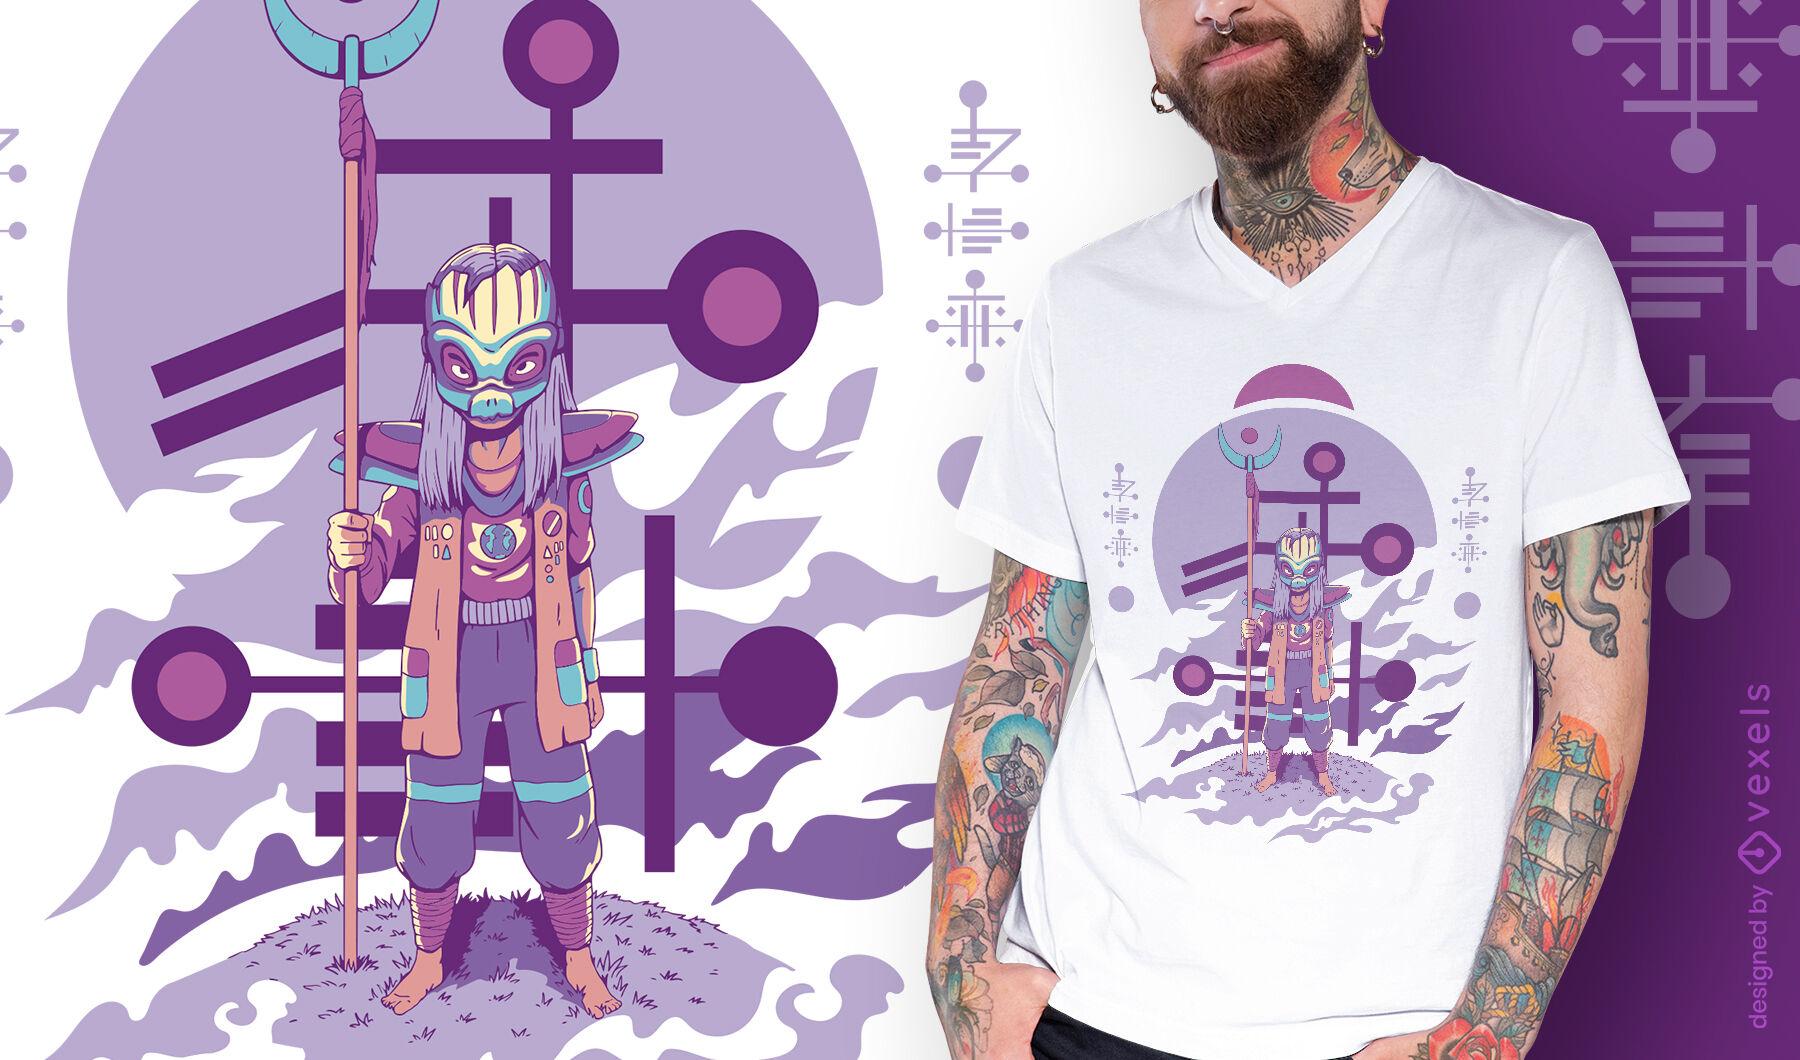 Alien de pie con diseño de camiseta de personal alto